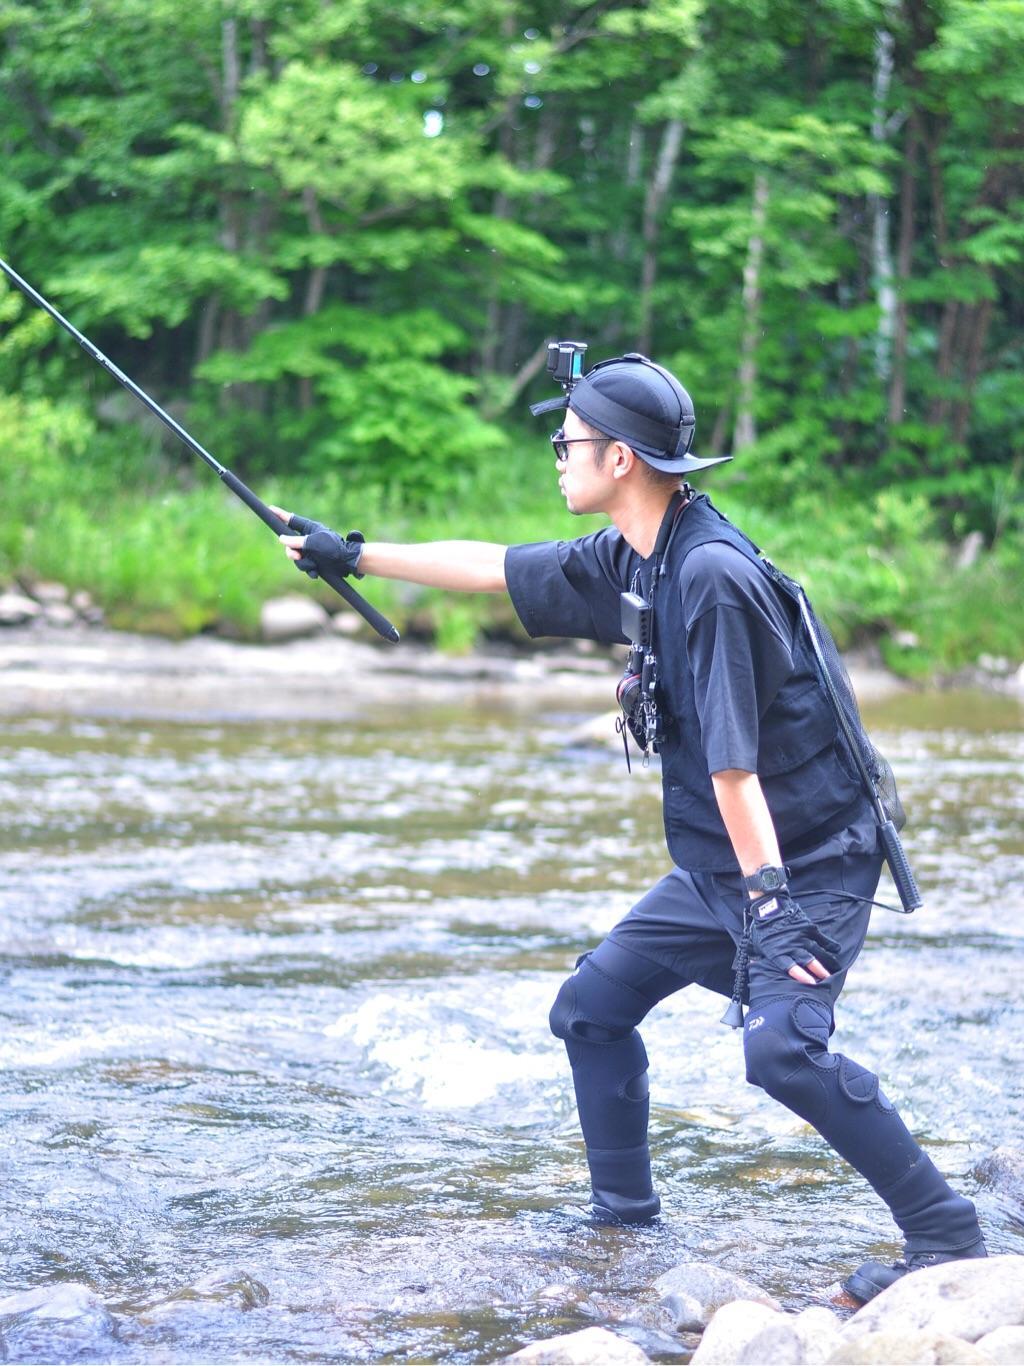 釣り 服装 渓流